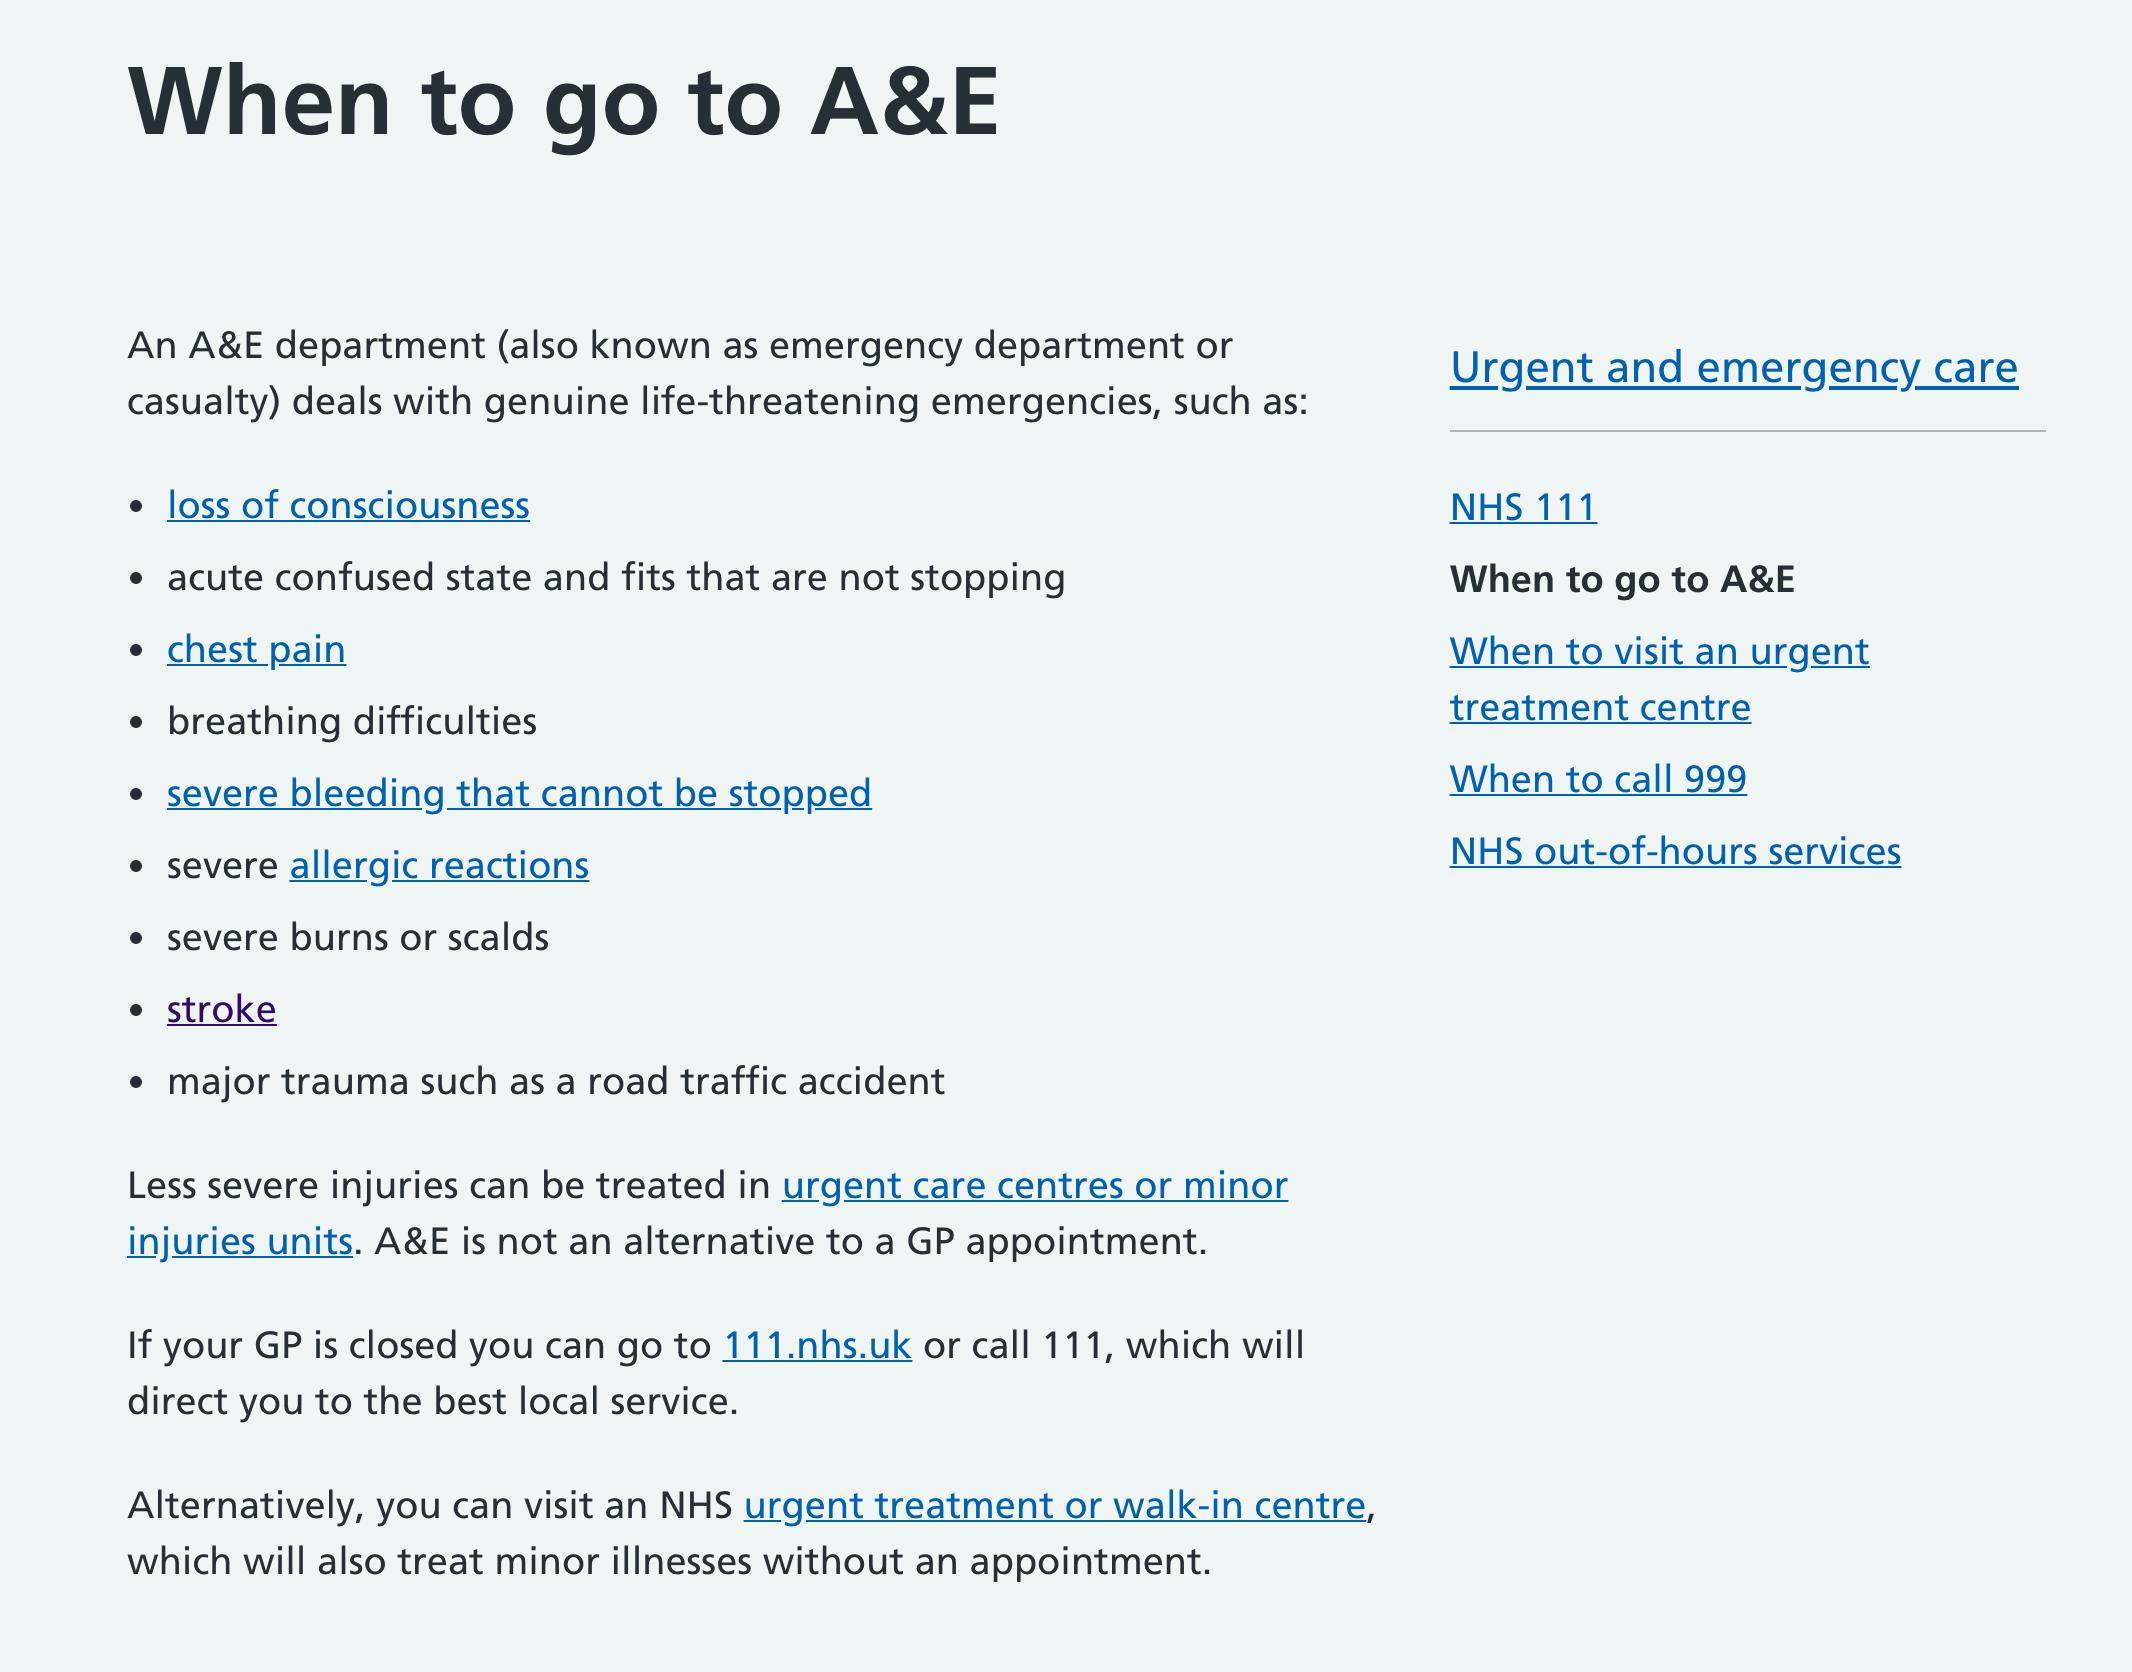 英國急診室 A&E